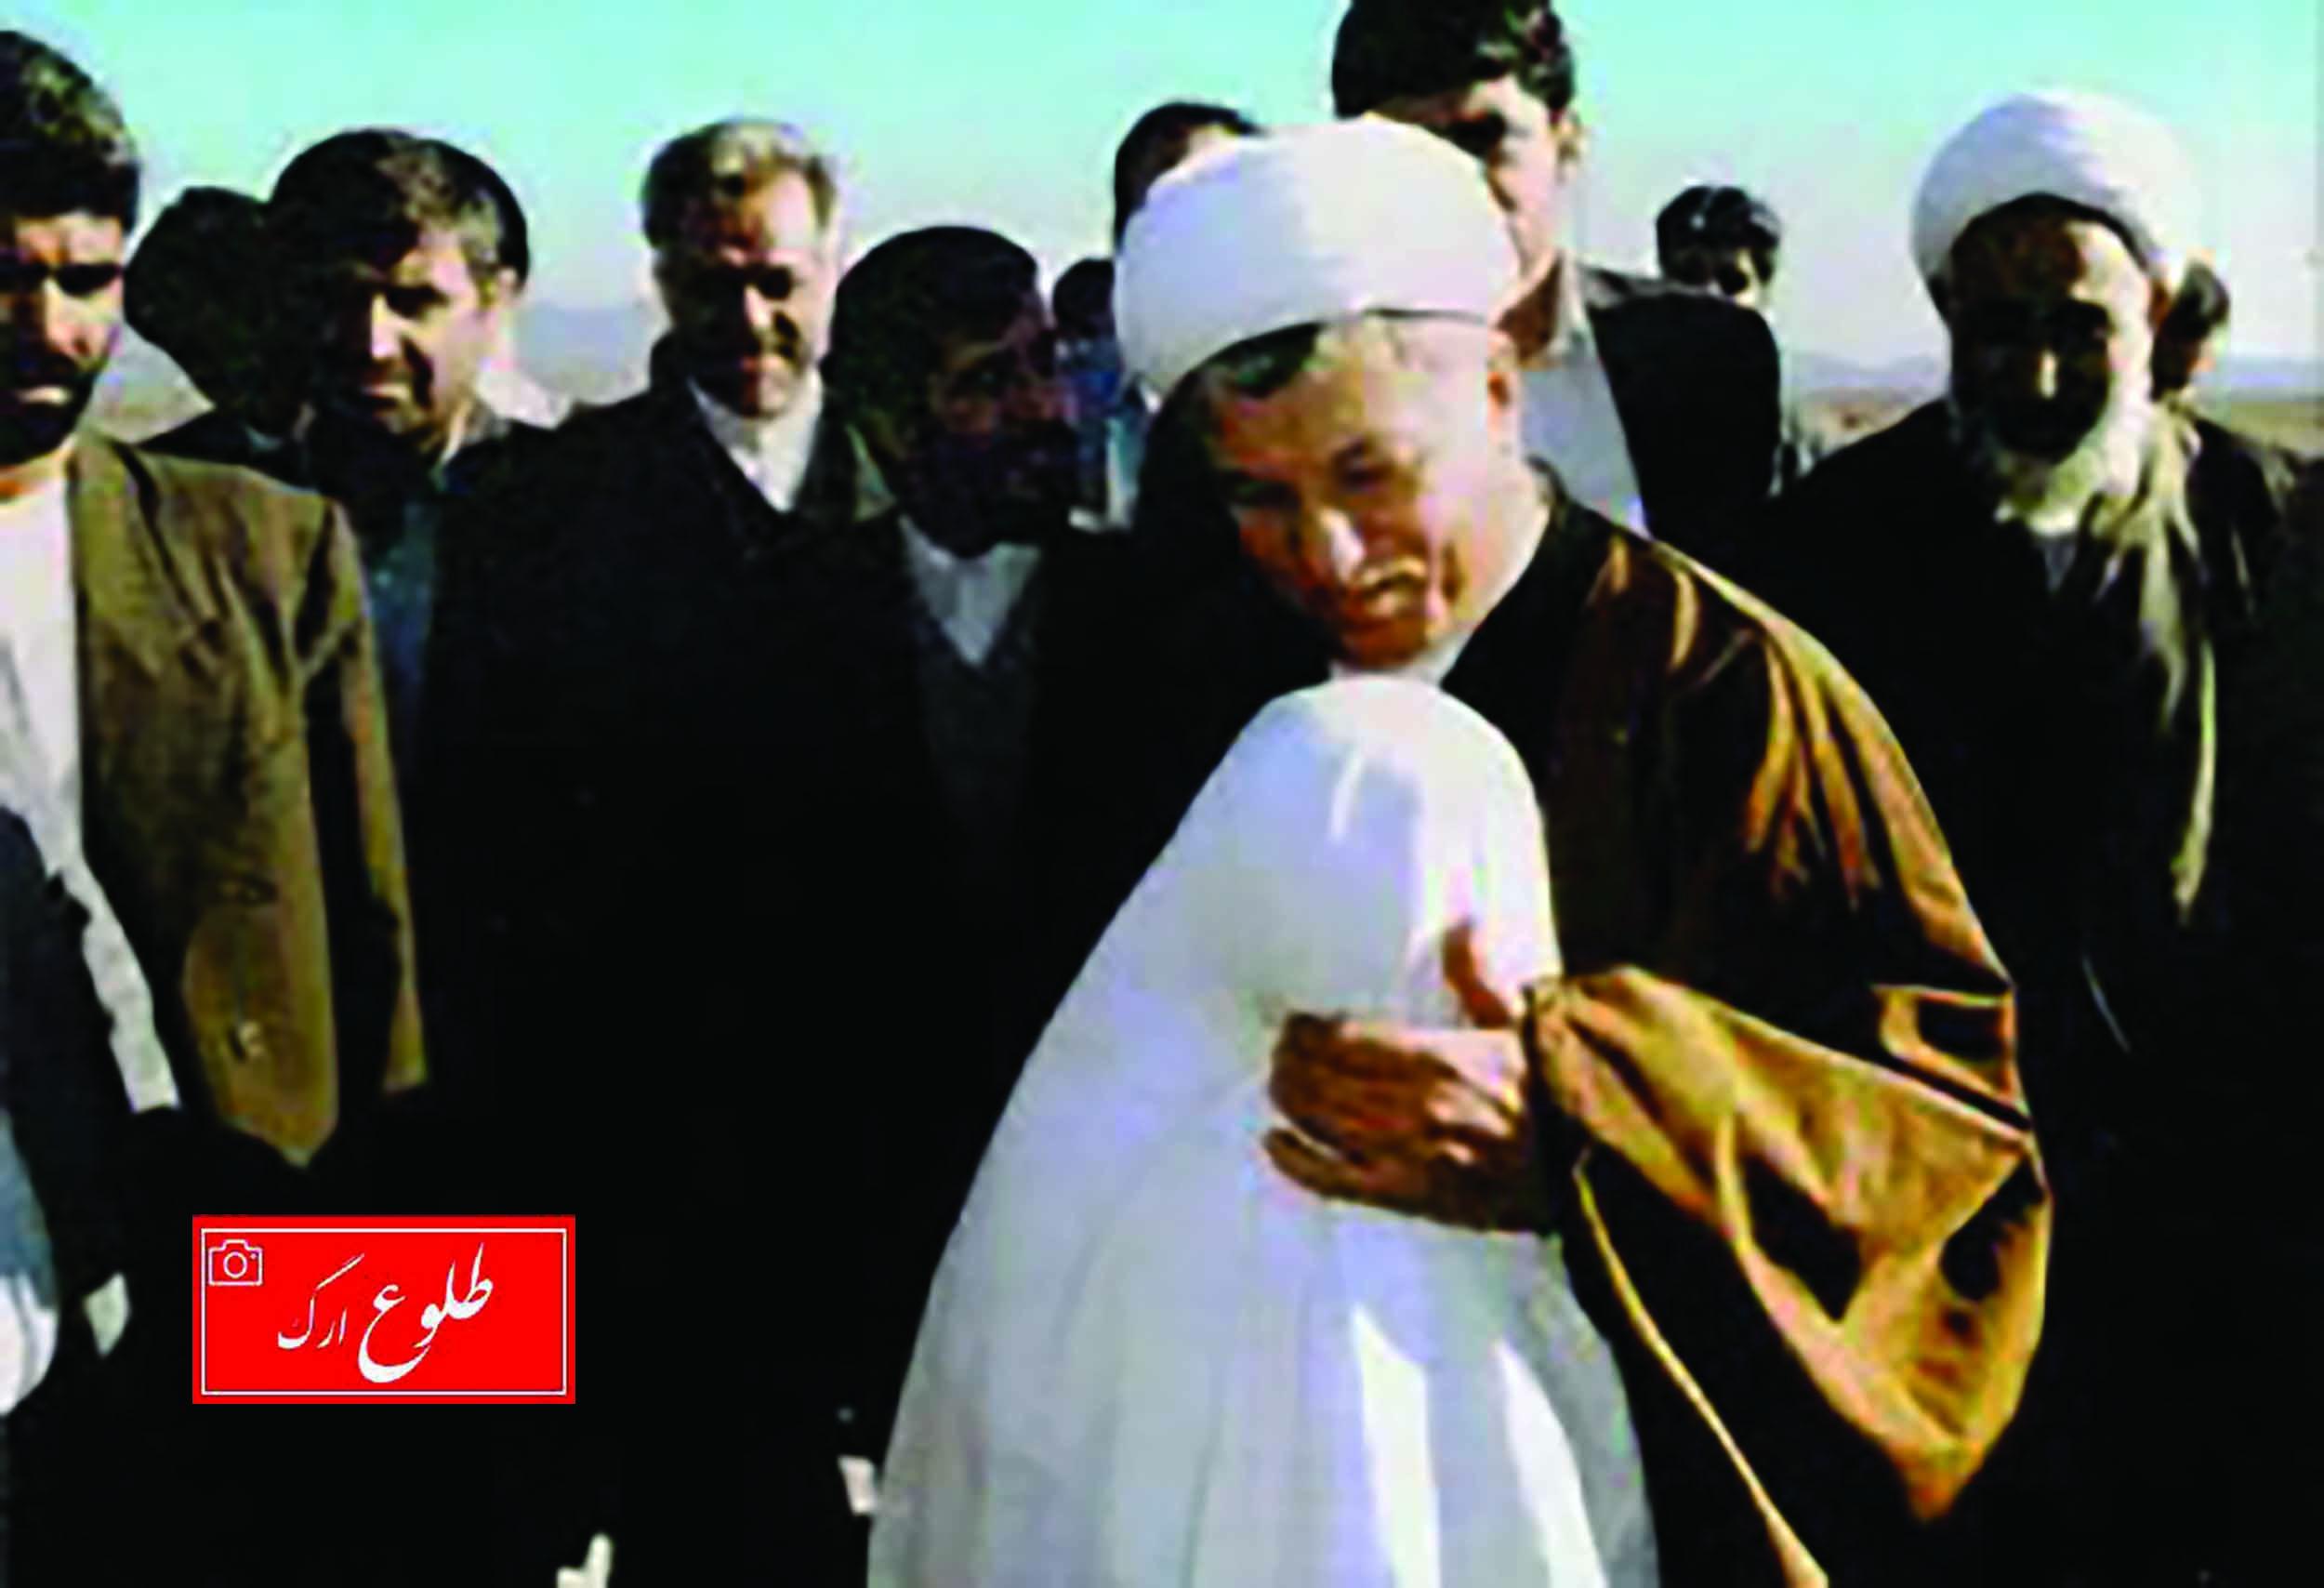 روایت جالب آیتالله هاشمی رفسنجانی از سفر به استان کرمان و شهر بم در اولین دوره ریاست جمهوری